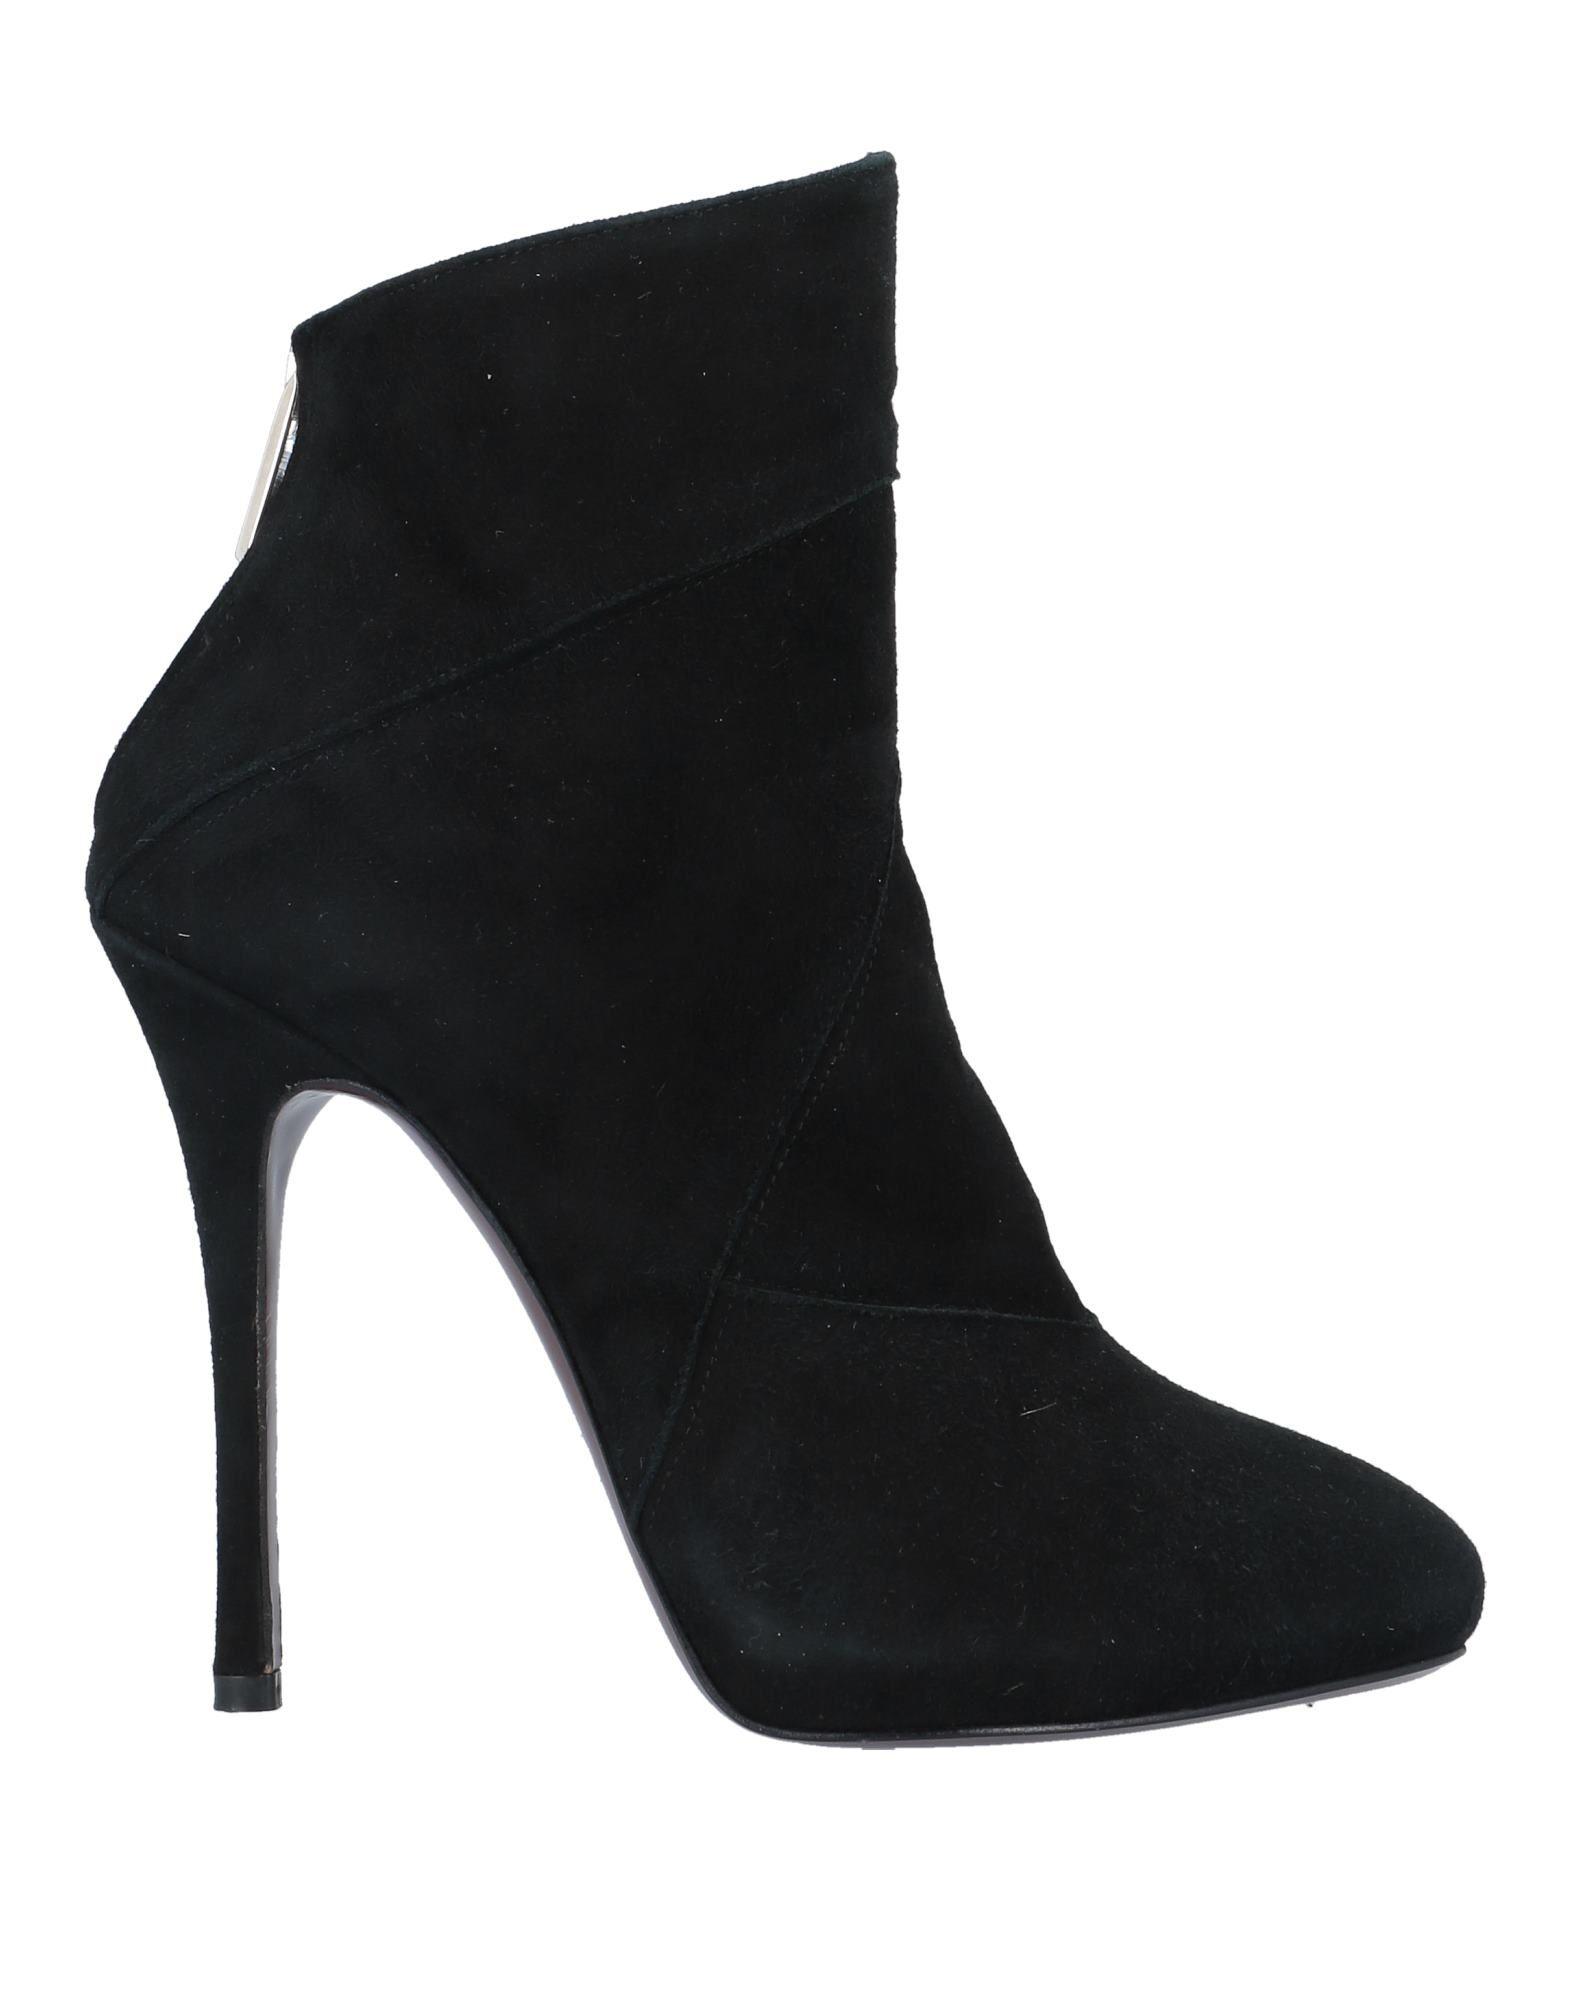 WO MILANO Полусапоги и высокие ботинки wo milano полусапоги и высокие ботинки